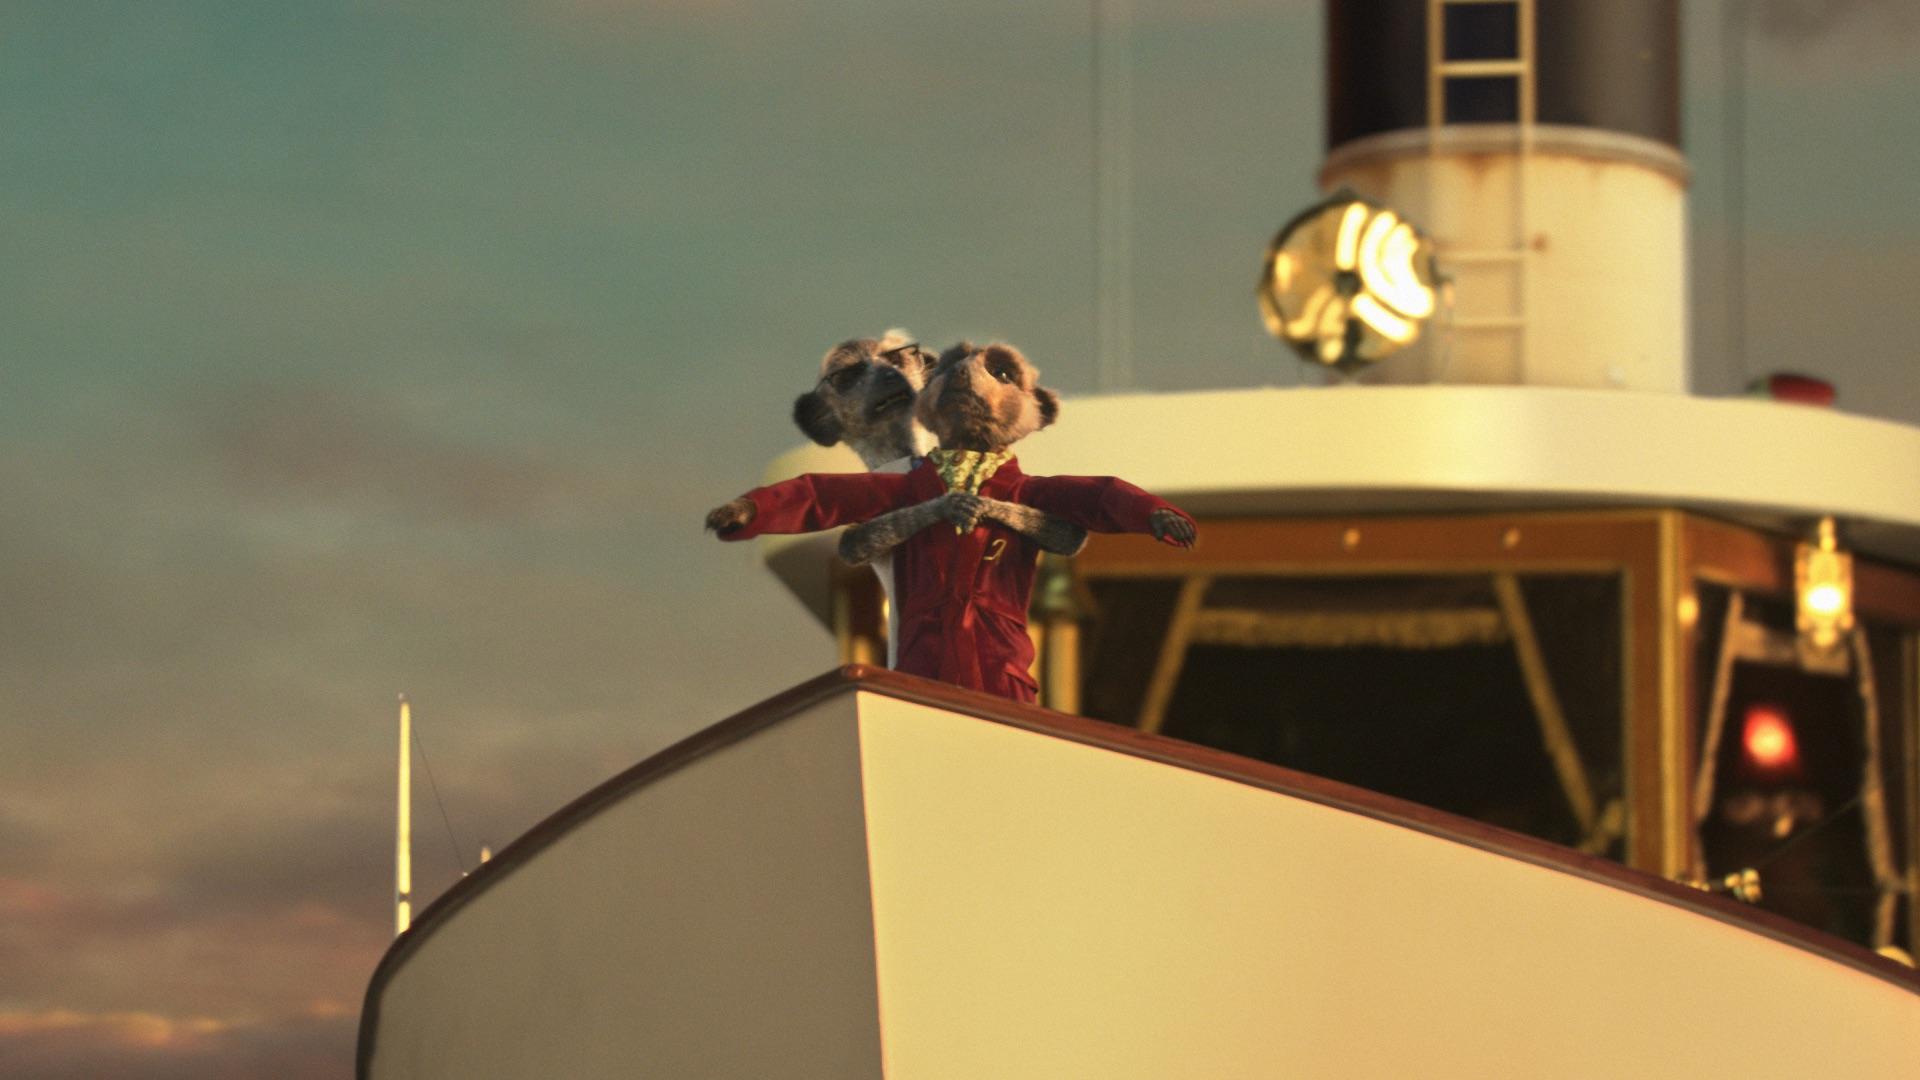 Aleksandr and Sergei Channel Titanic in Latest Comparethemarket.com Campaign